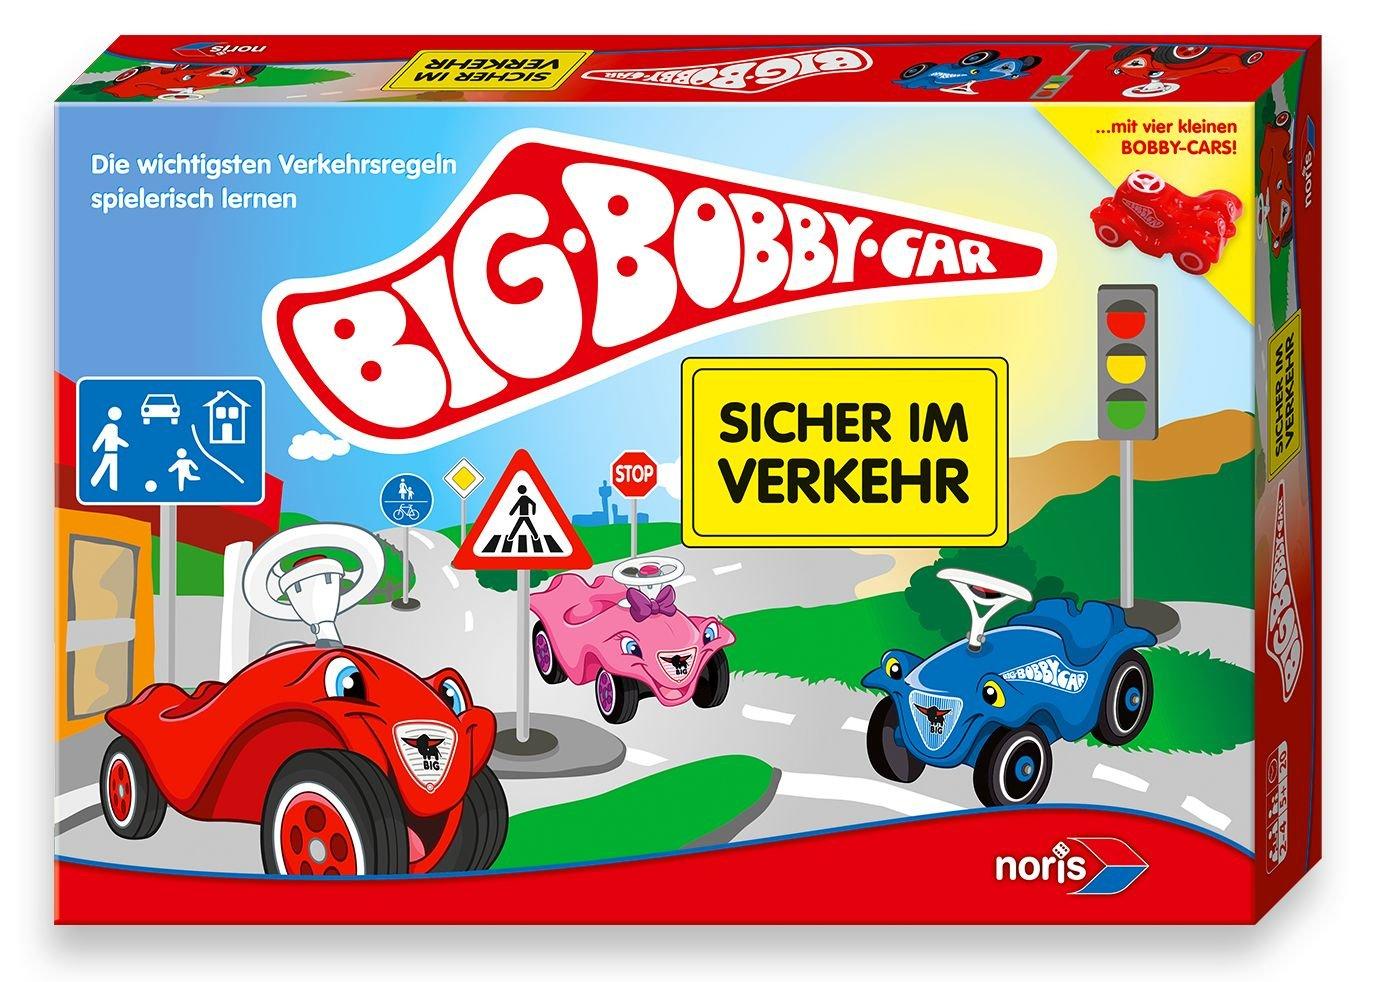 BIG Bobby-Car Spiel Sicher im Verkehr